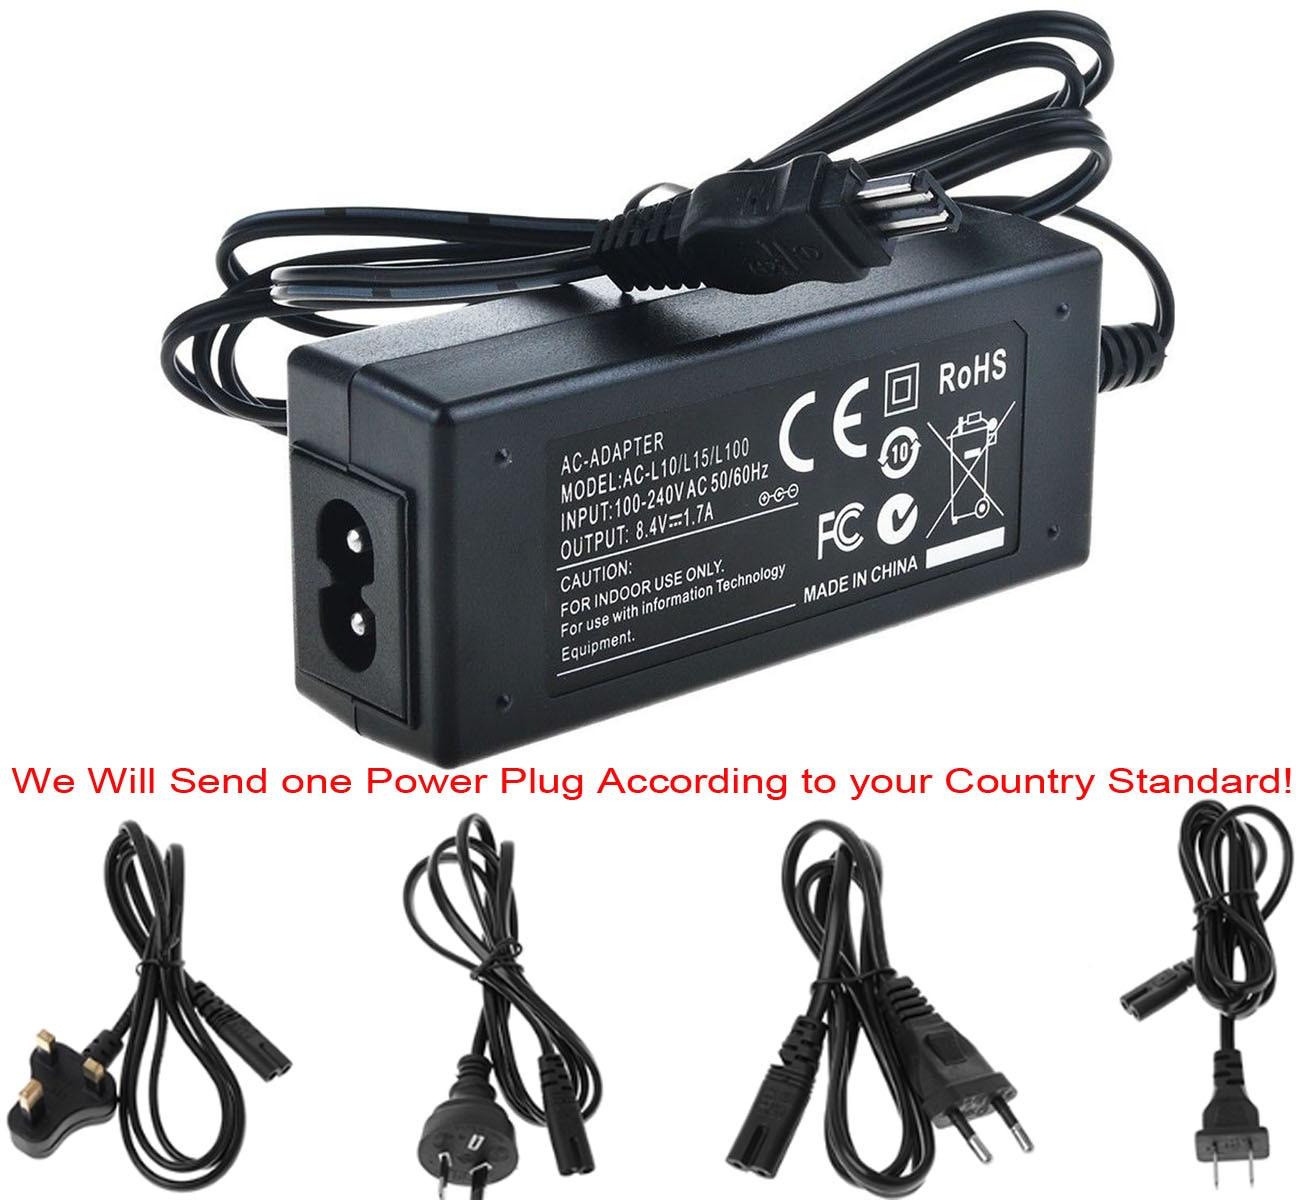 DCR-DVD805 DCR-DVD850 Handycam Camcorder DCR-DVD810 DCR-DVD808 AC Adapter Power Supply for Sony DCR-DVD803